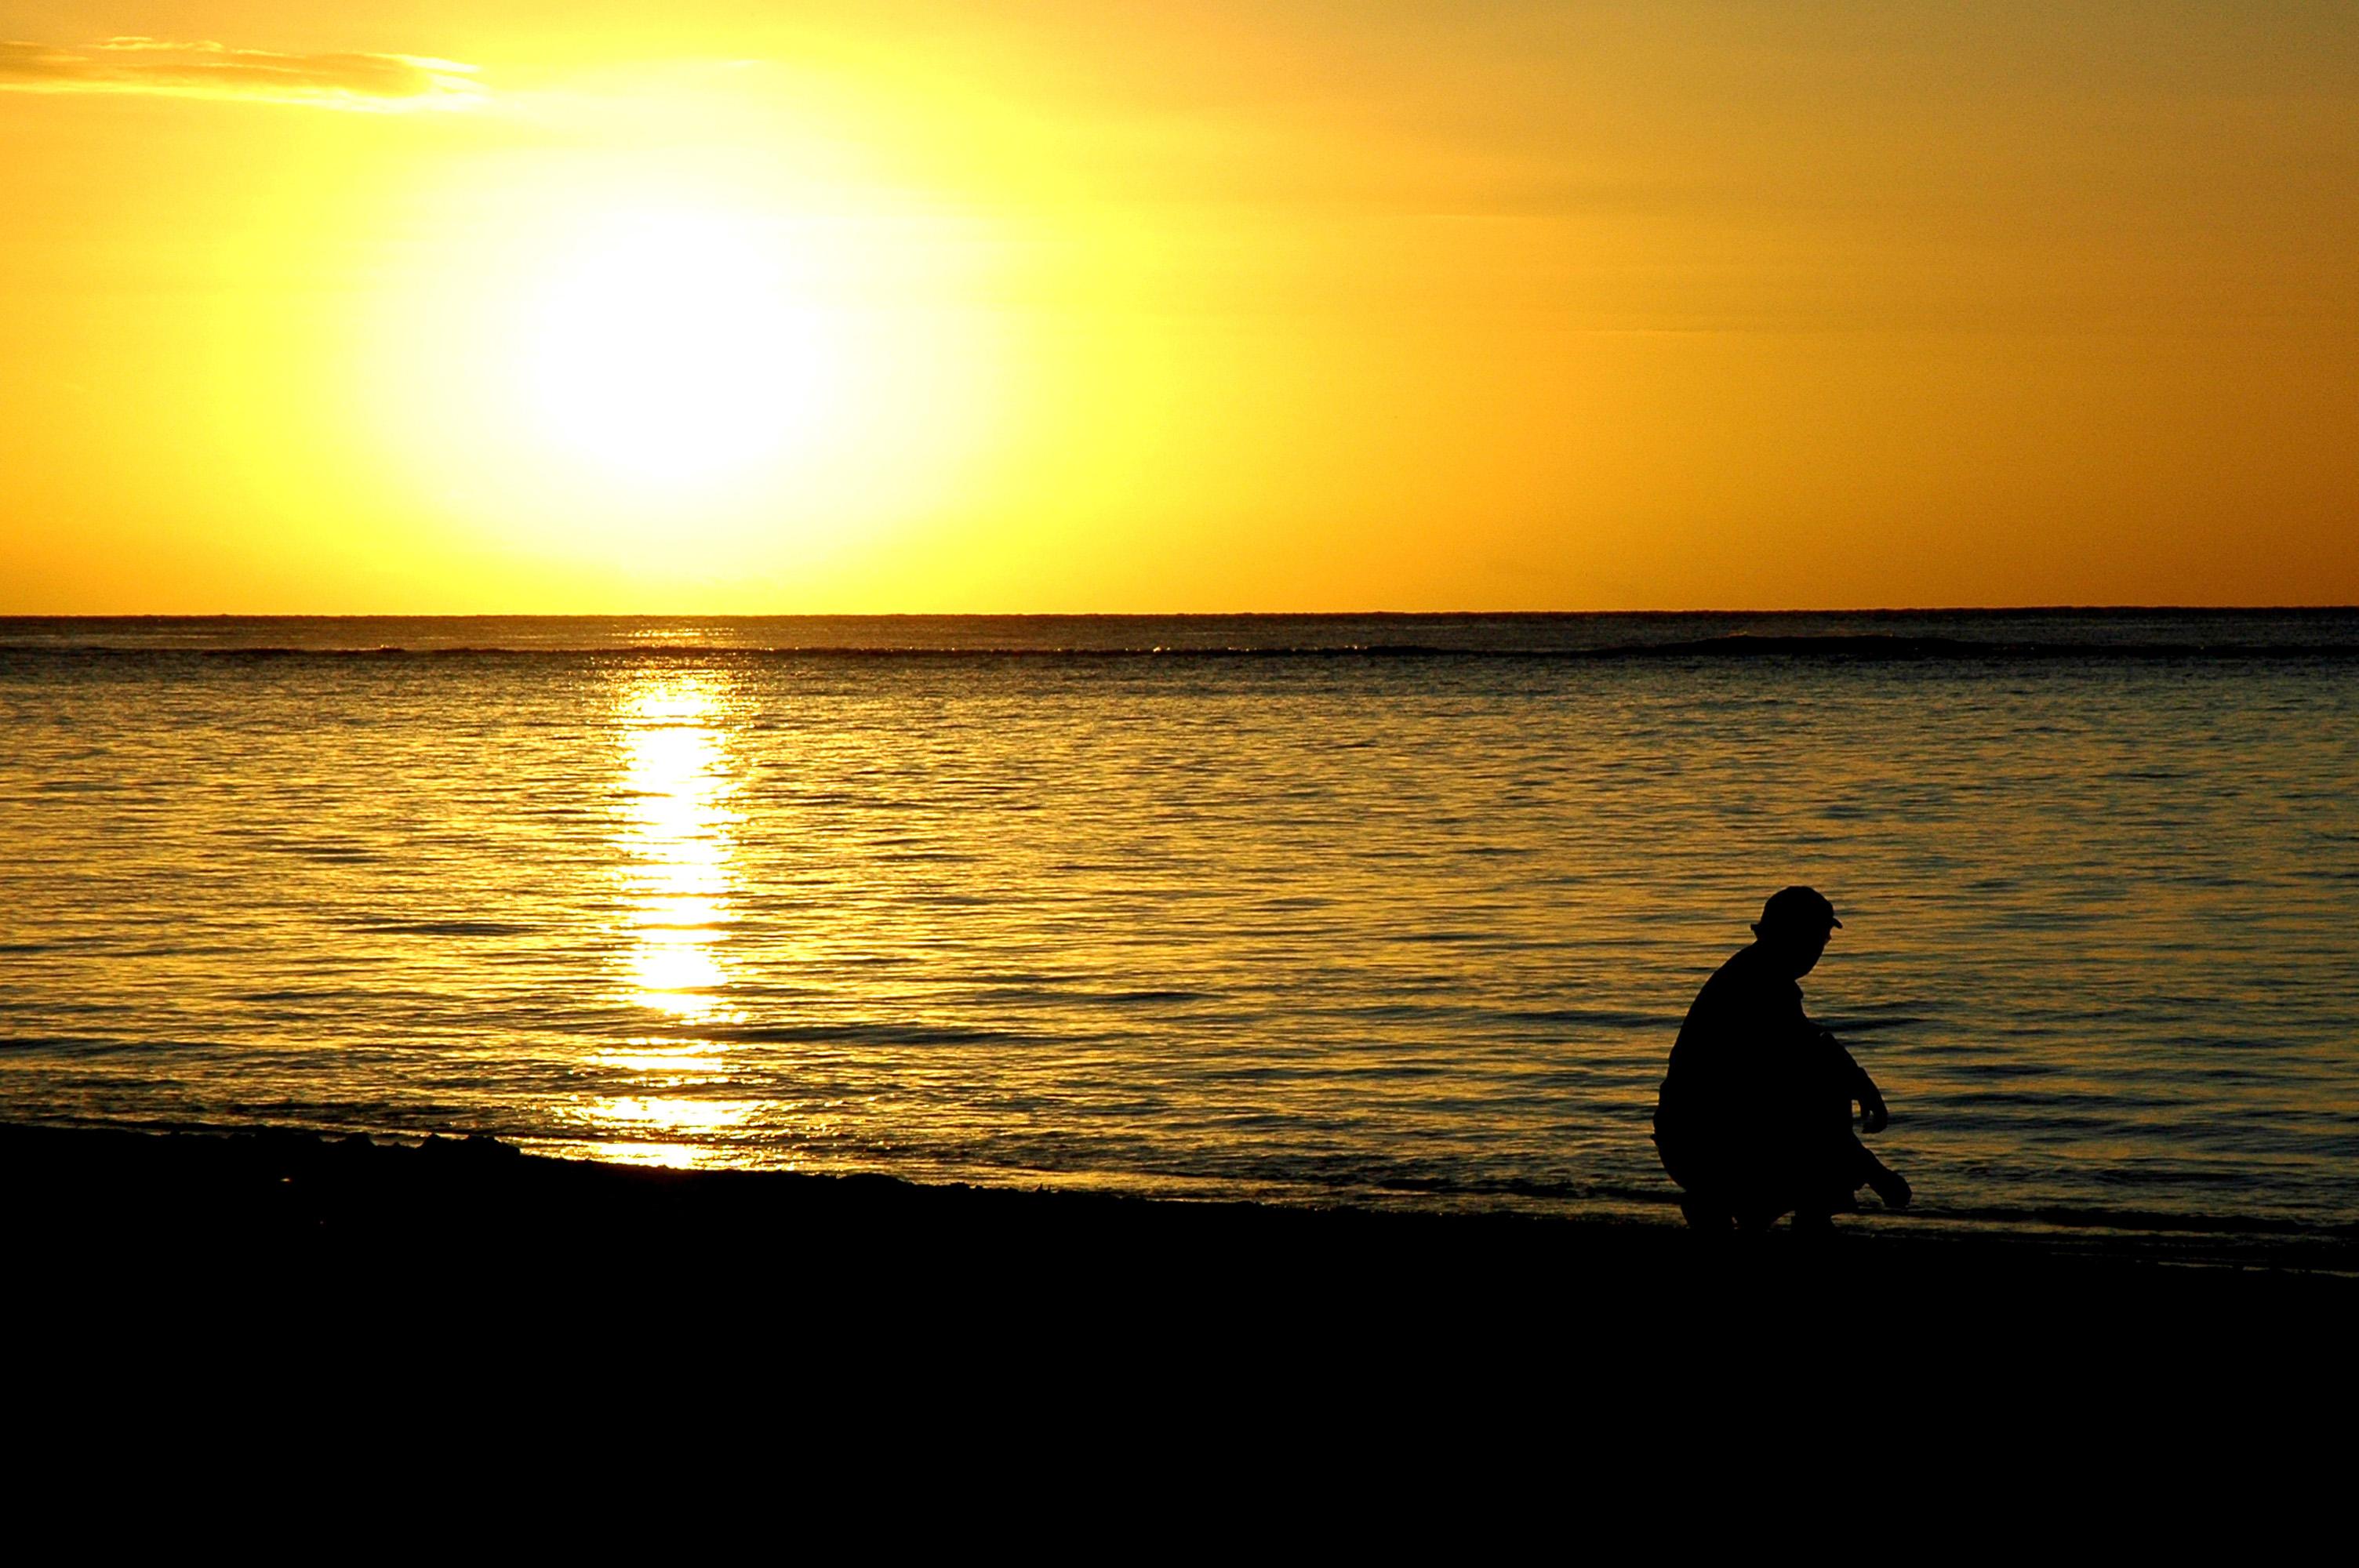 coucher de soleil - photo #3